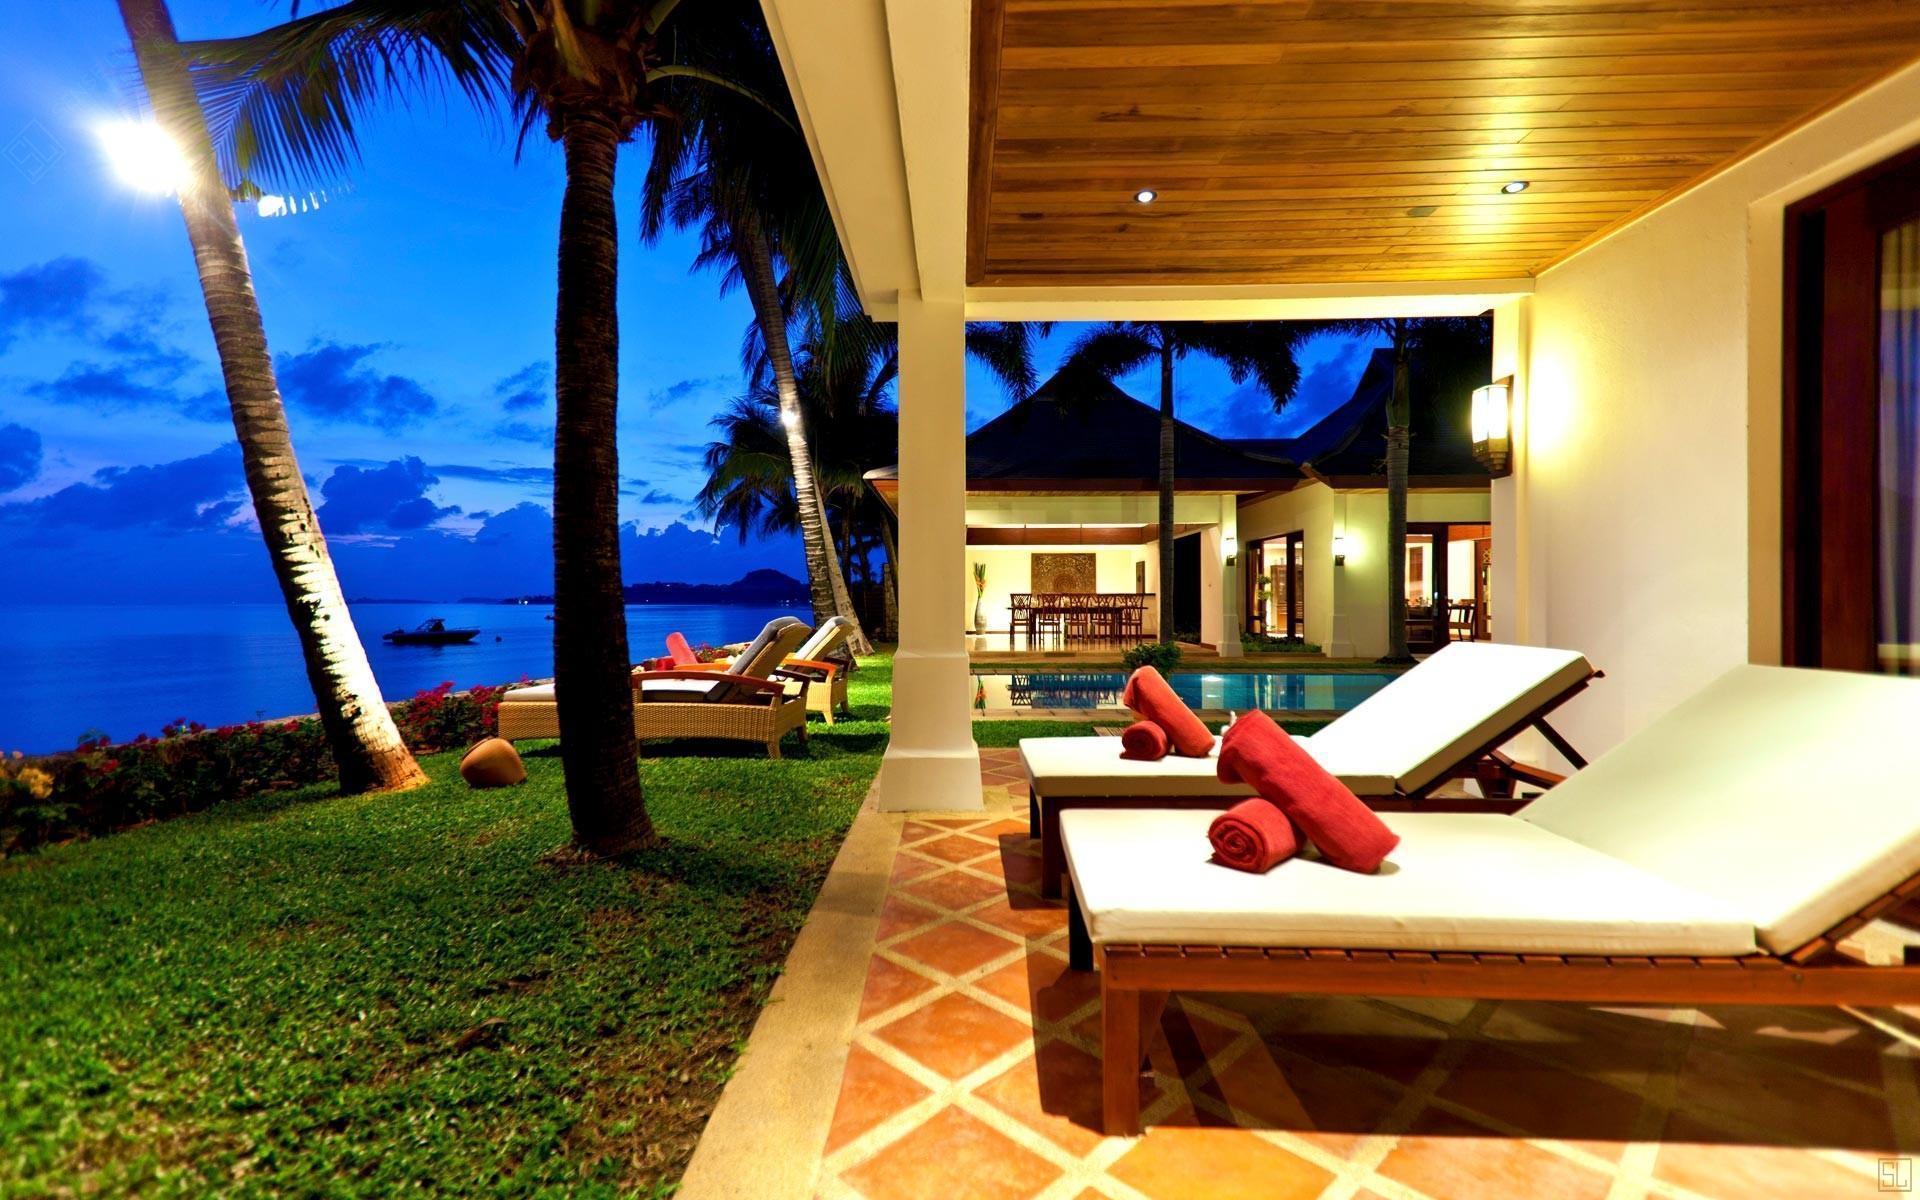 泰国苏梅岛密斯卡湾素馨别墅躺椅